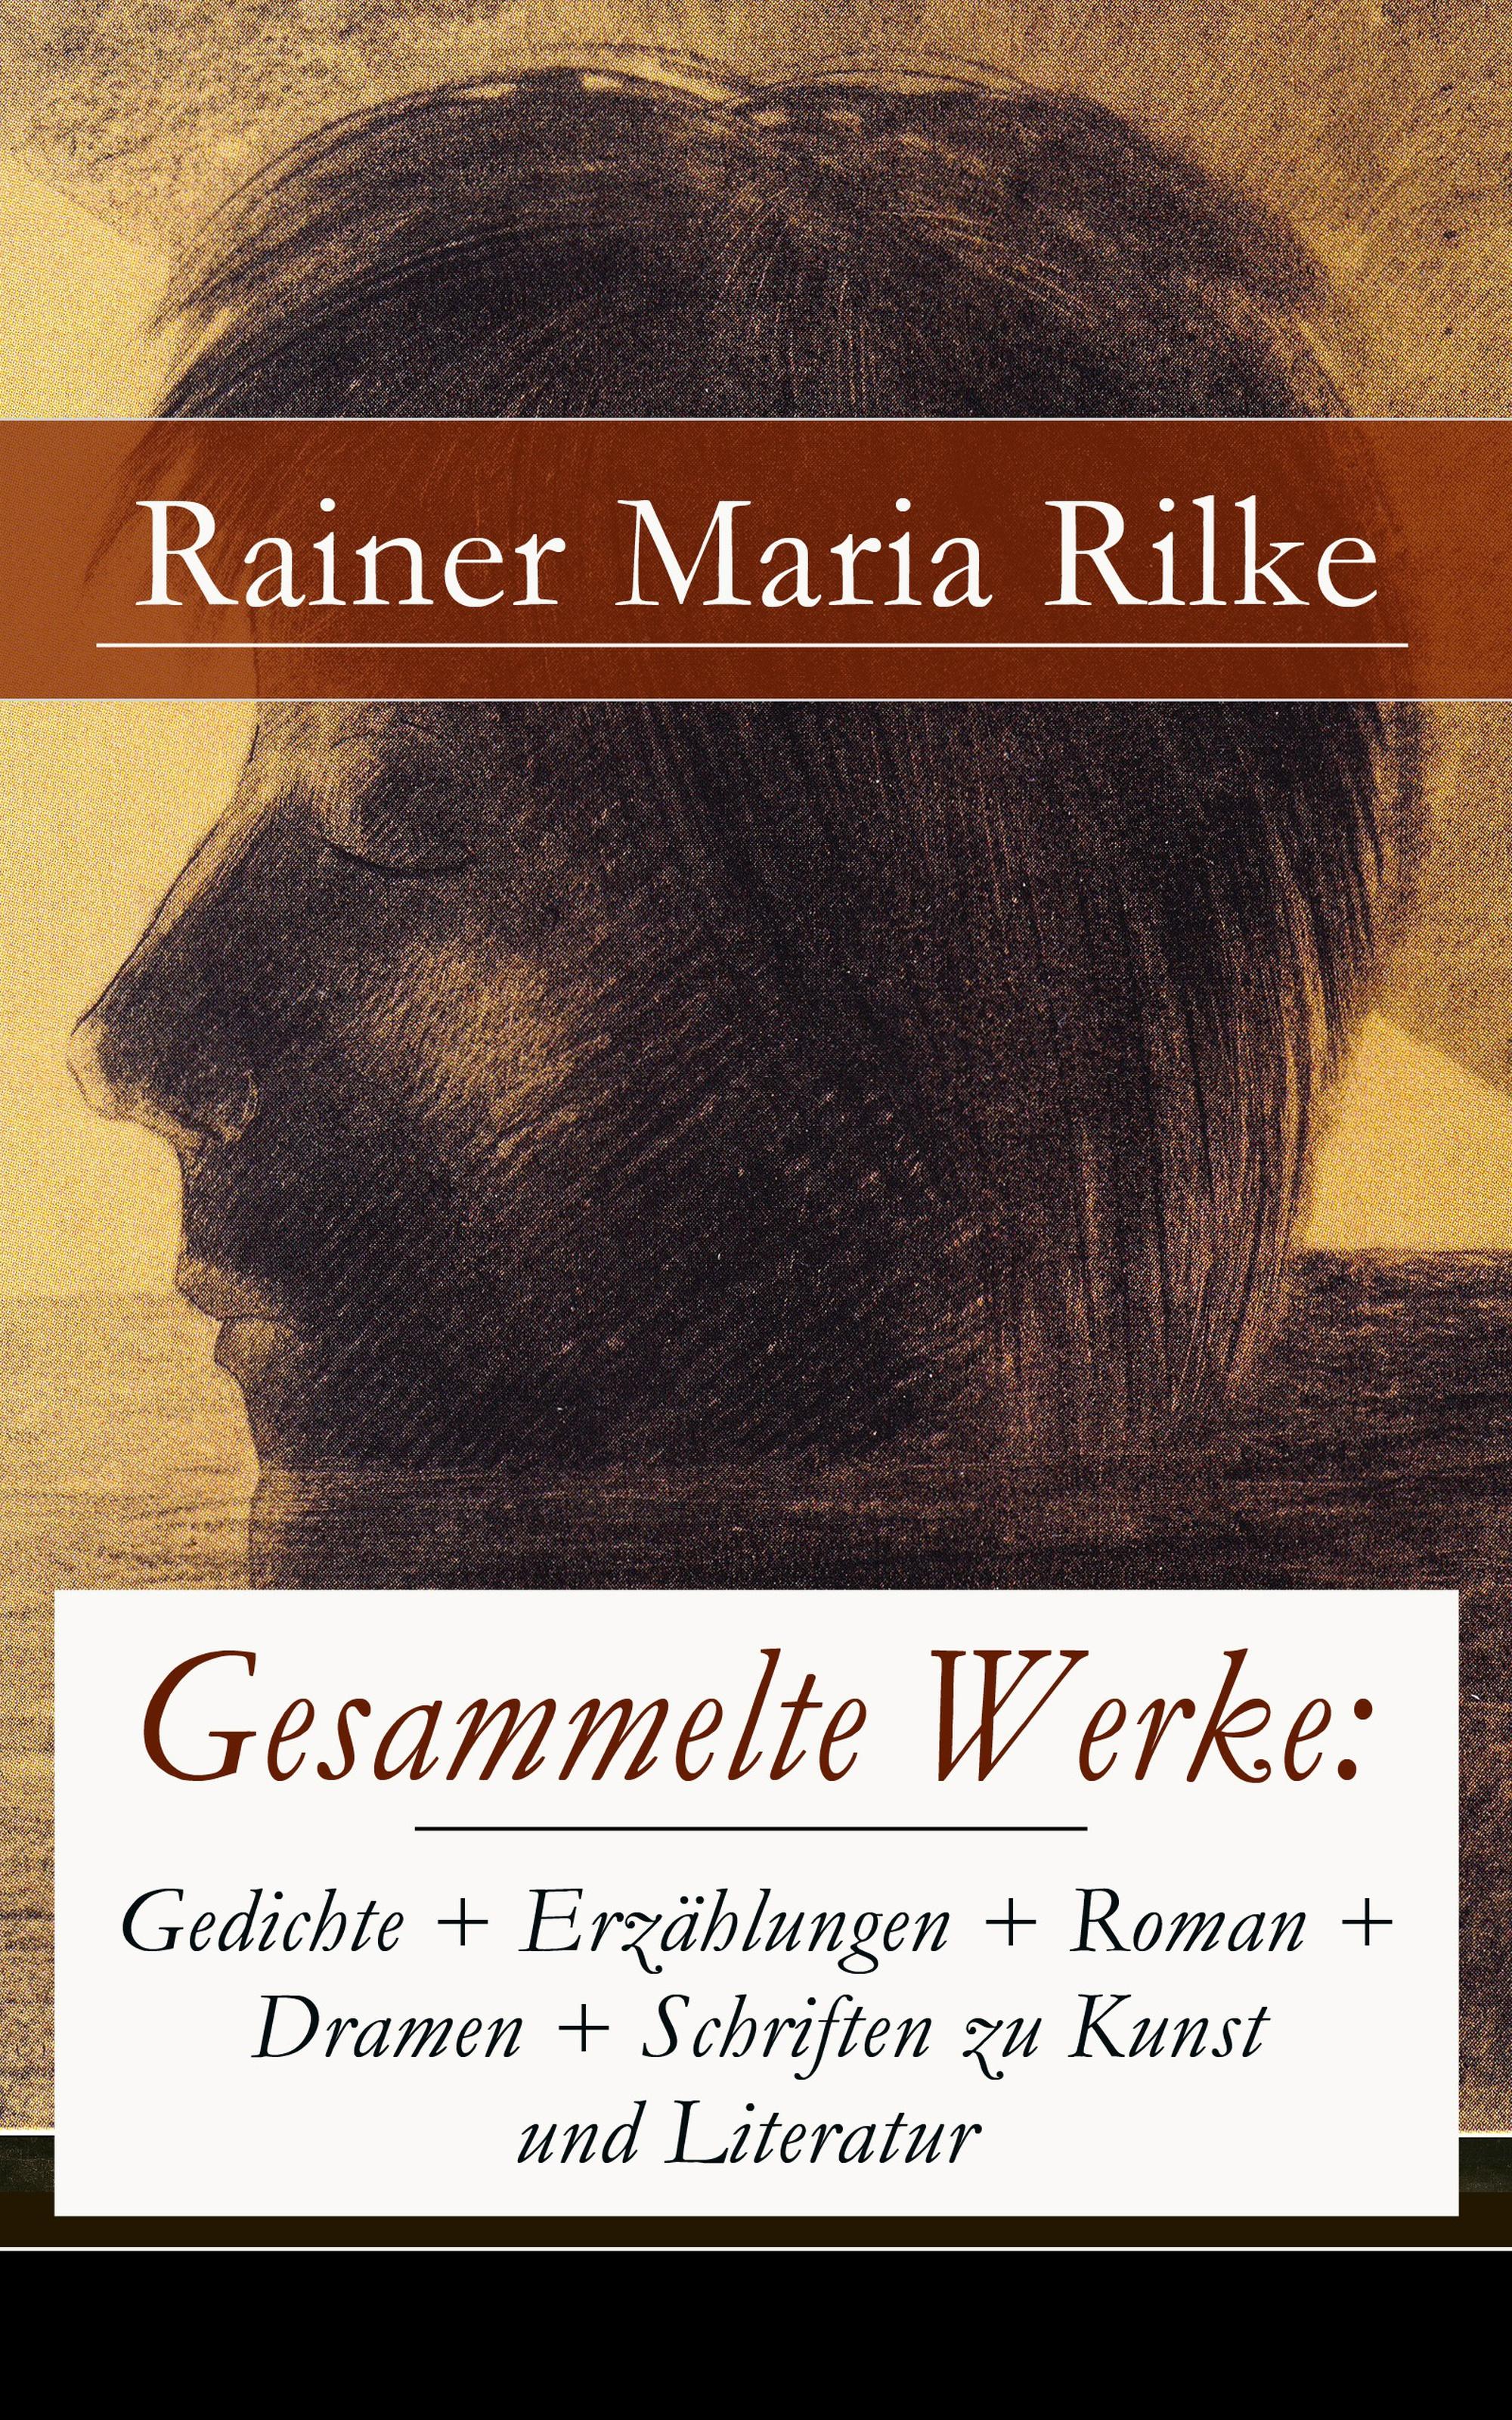 Rainer Maria Rilke Gesammelte Werke: Gedichte + Erzählungen + Roman + Dramen + Schriften zu Kunst und Literatur oskar panizza gesammelte werke erzählungen psychologische schriften philosophische werke dramen gedichte autobiografie